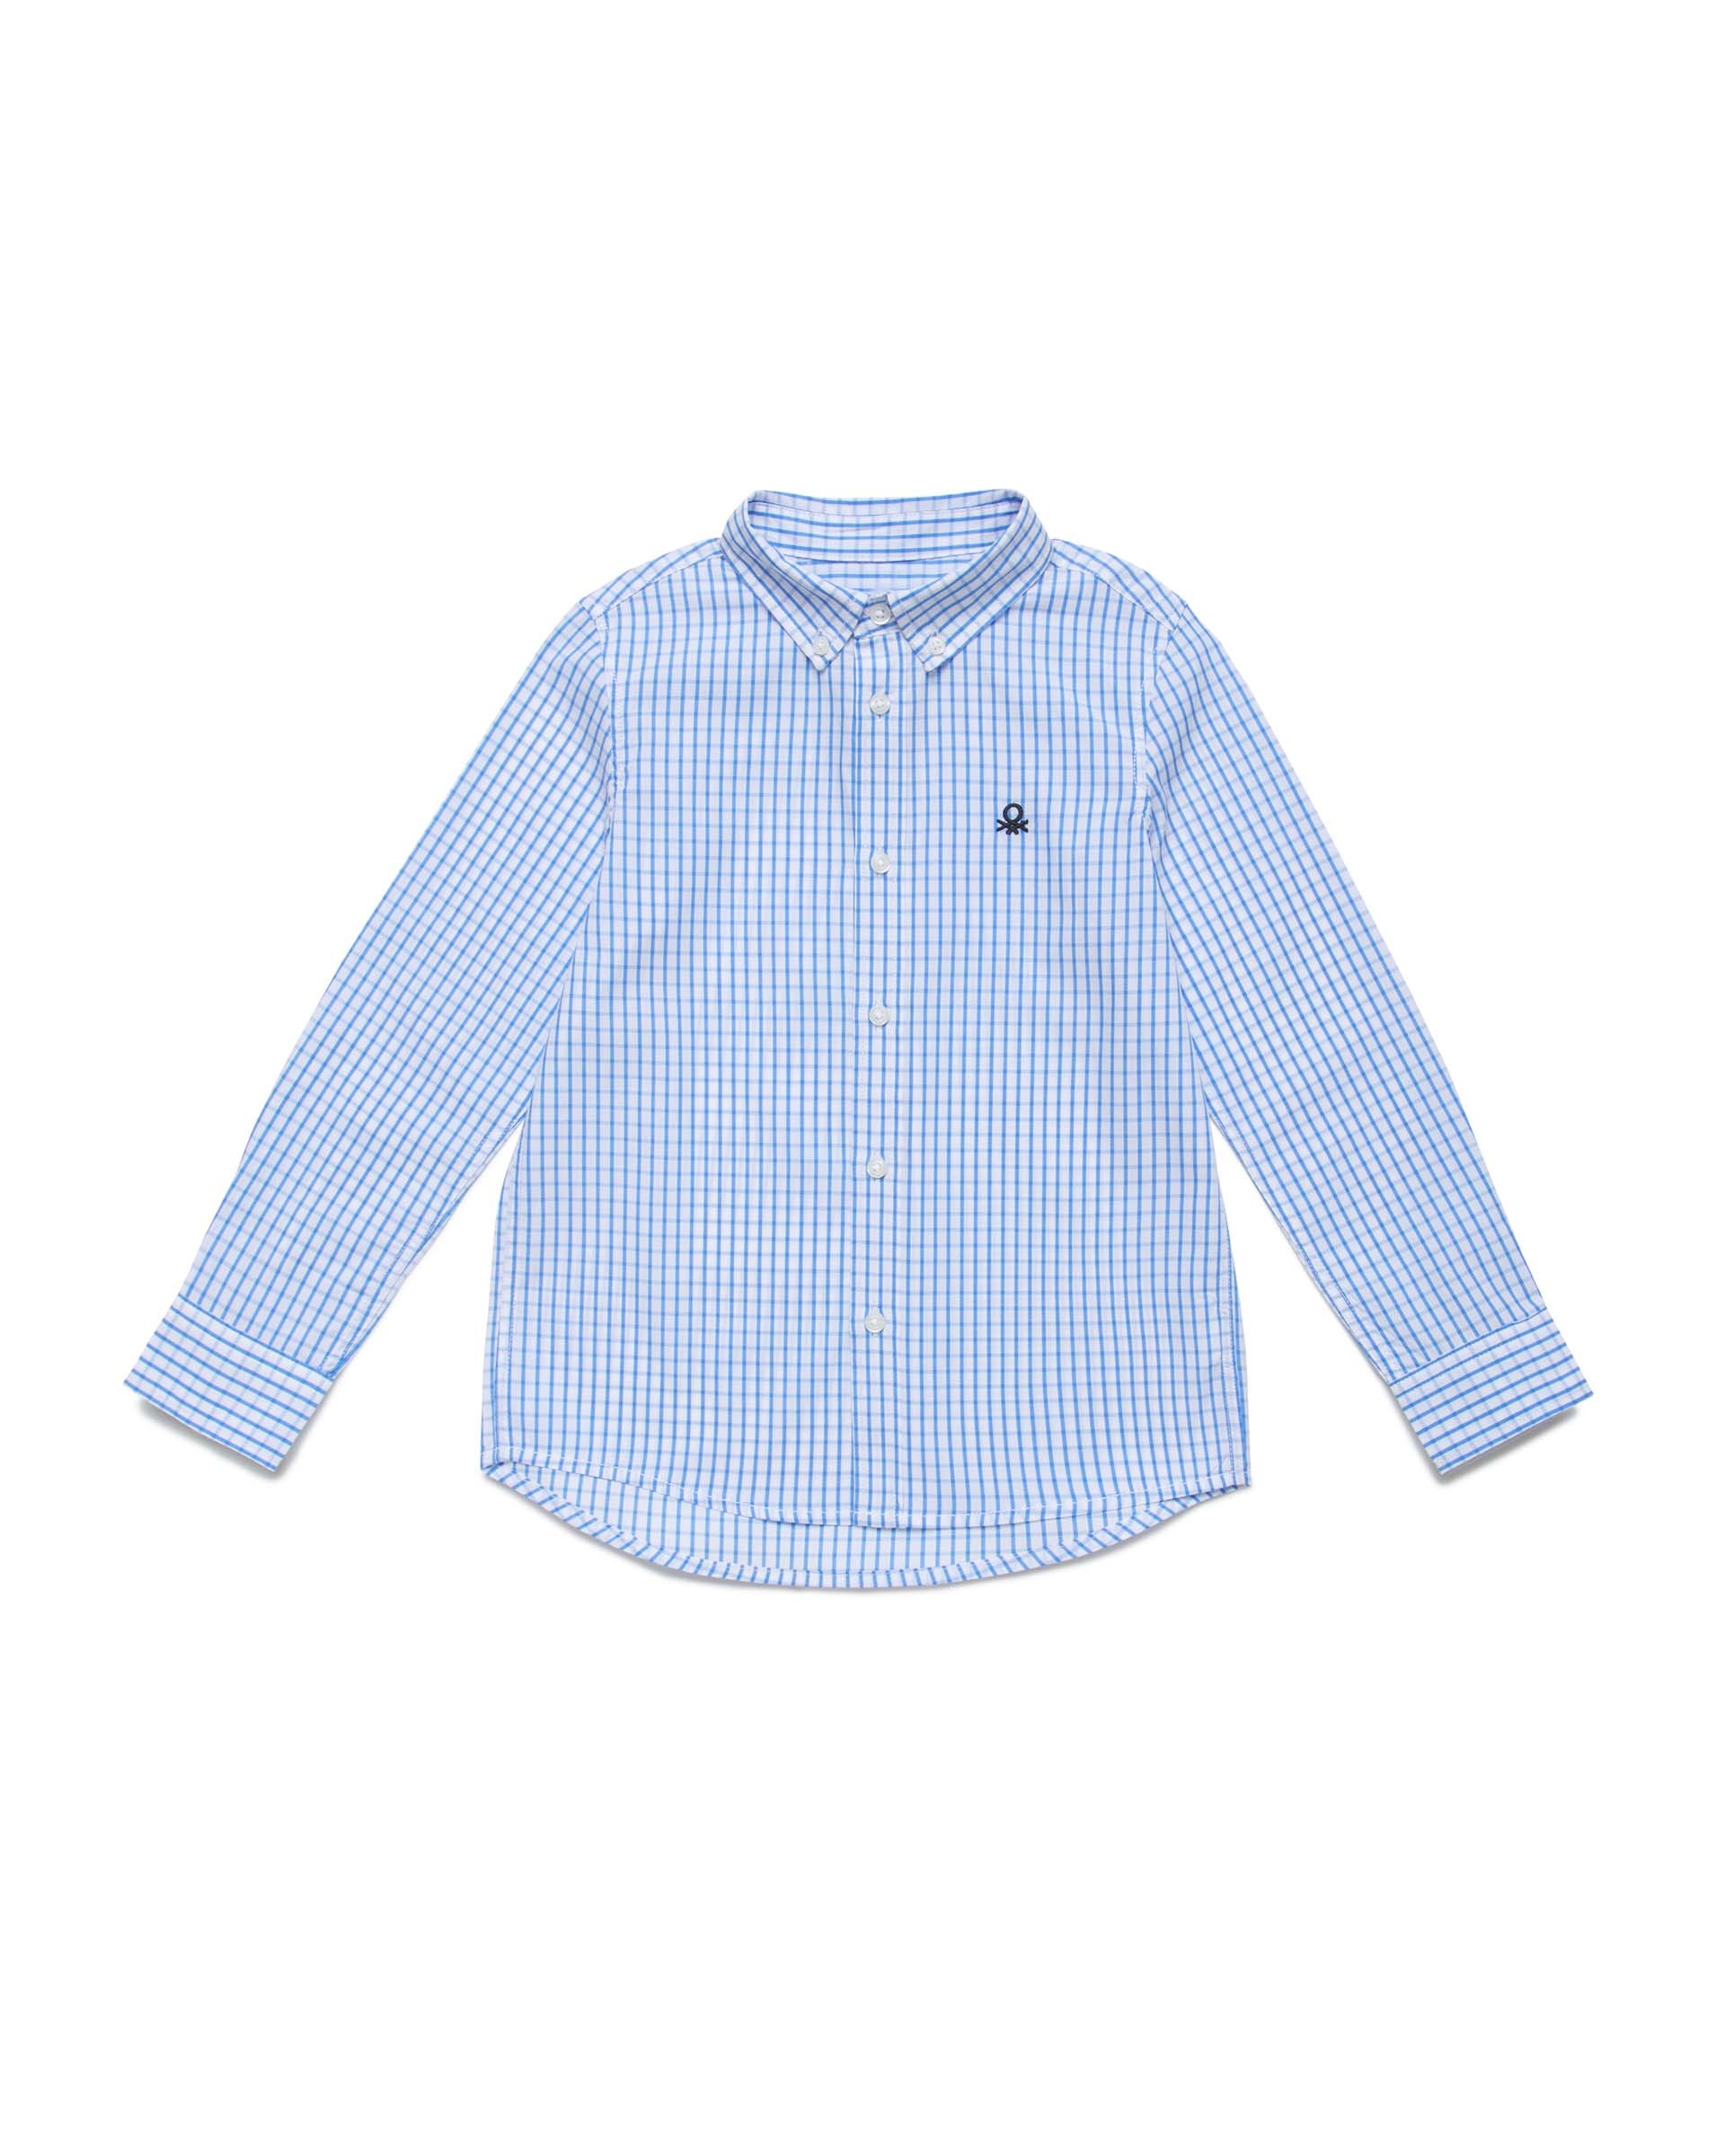 Купить 20P_5DU65QG40_902, Рубашка для мальчиков Benetton 5DU65QG40_902 р-р 122, United Colors of Benetton, Рубашки для мальчиков